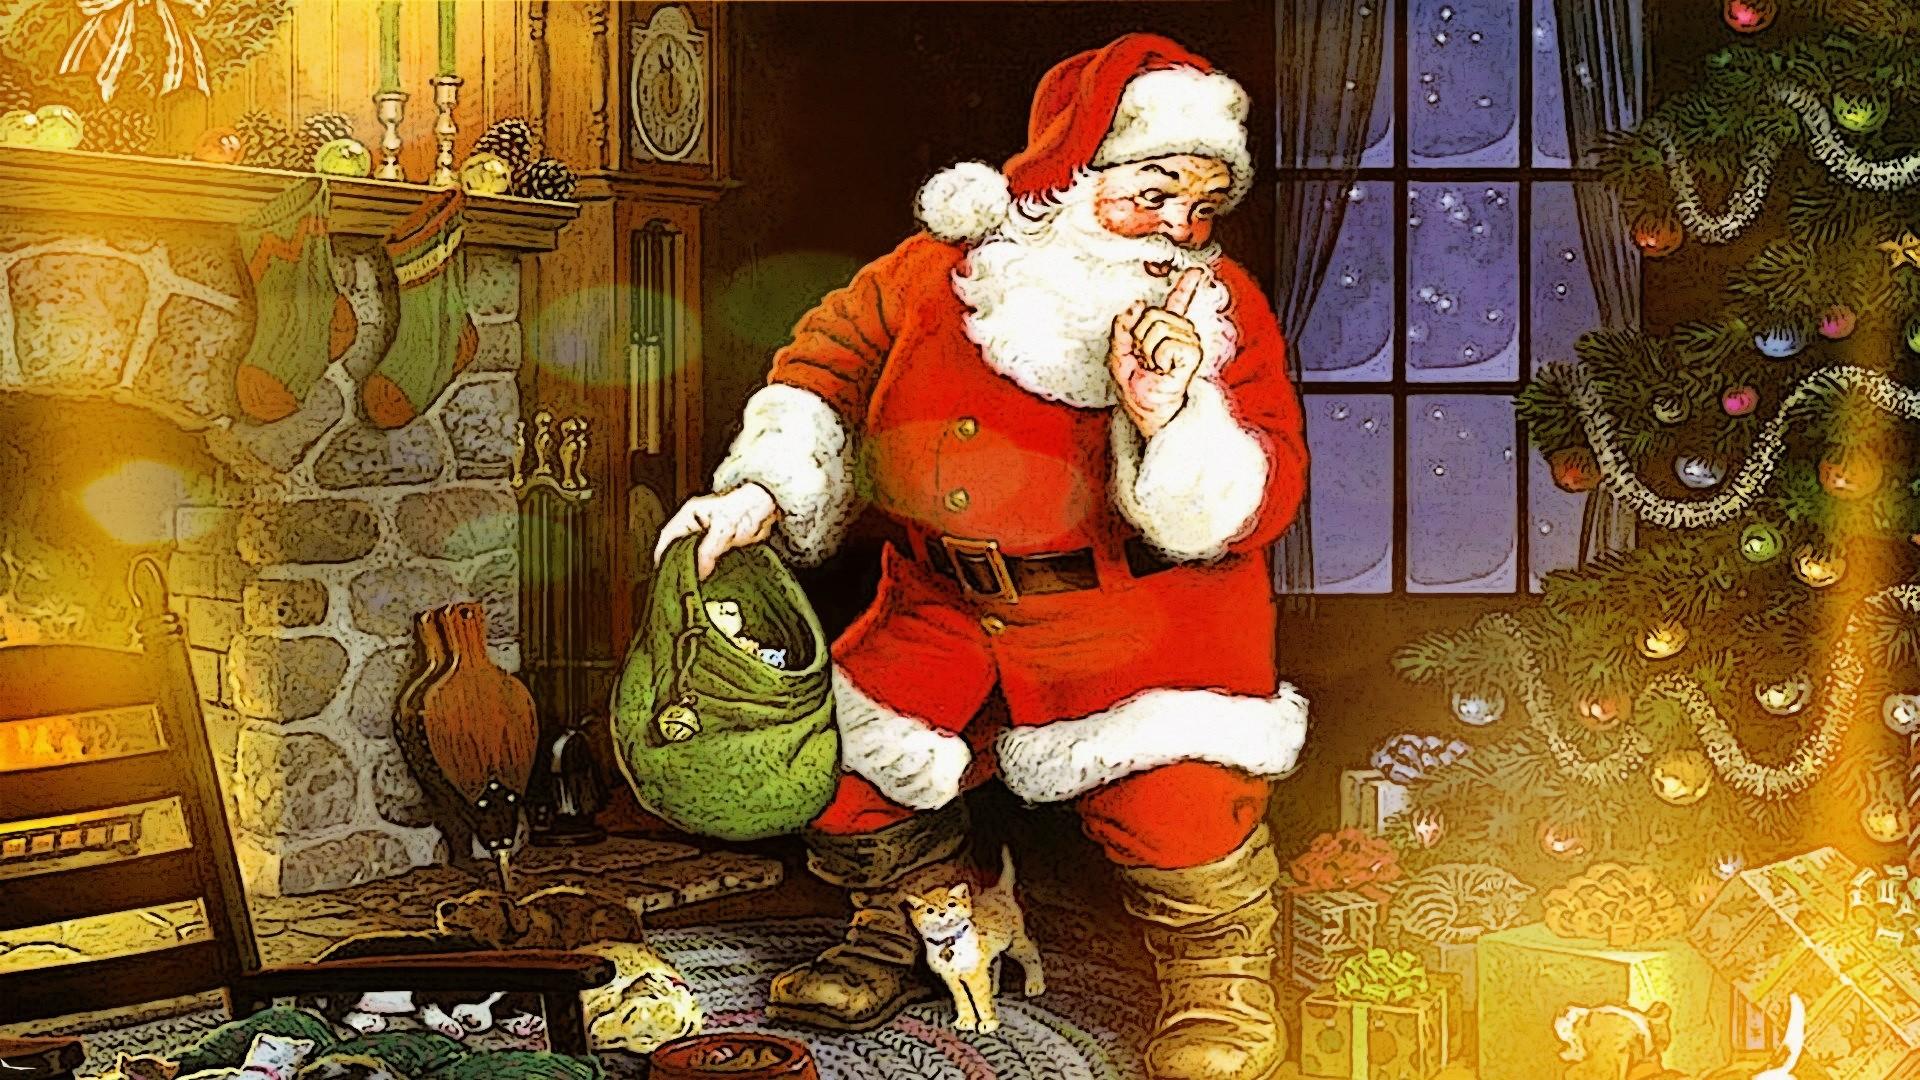 Fond D écran Vacances De Noël: Fond D'écran : Temple, Lumières, Vacances, Père Noël